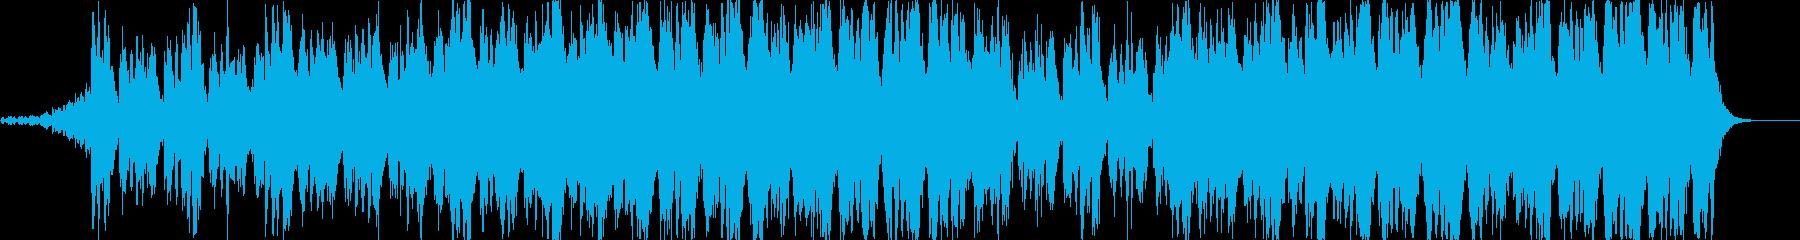 ポジティブなオーケストラ曲の再生済みの波形